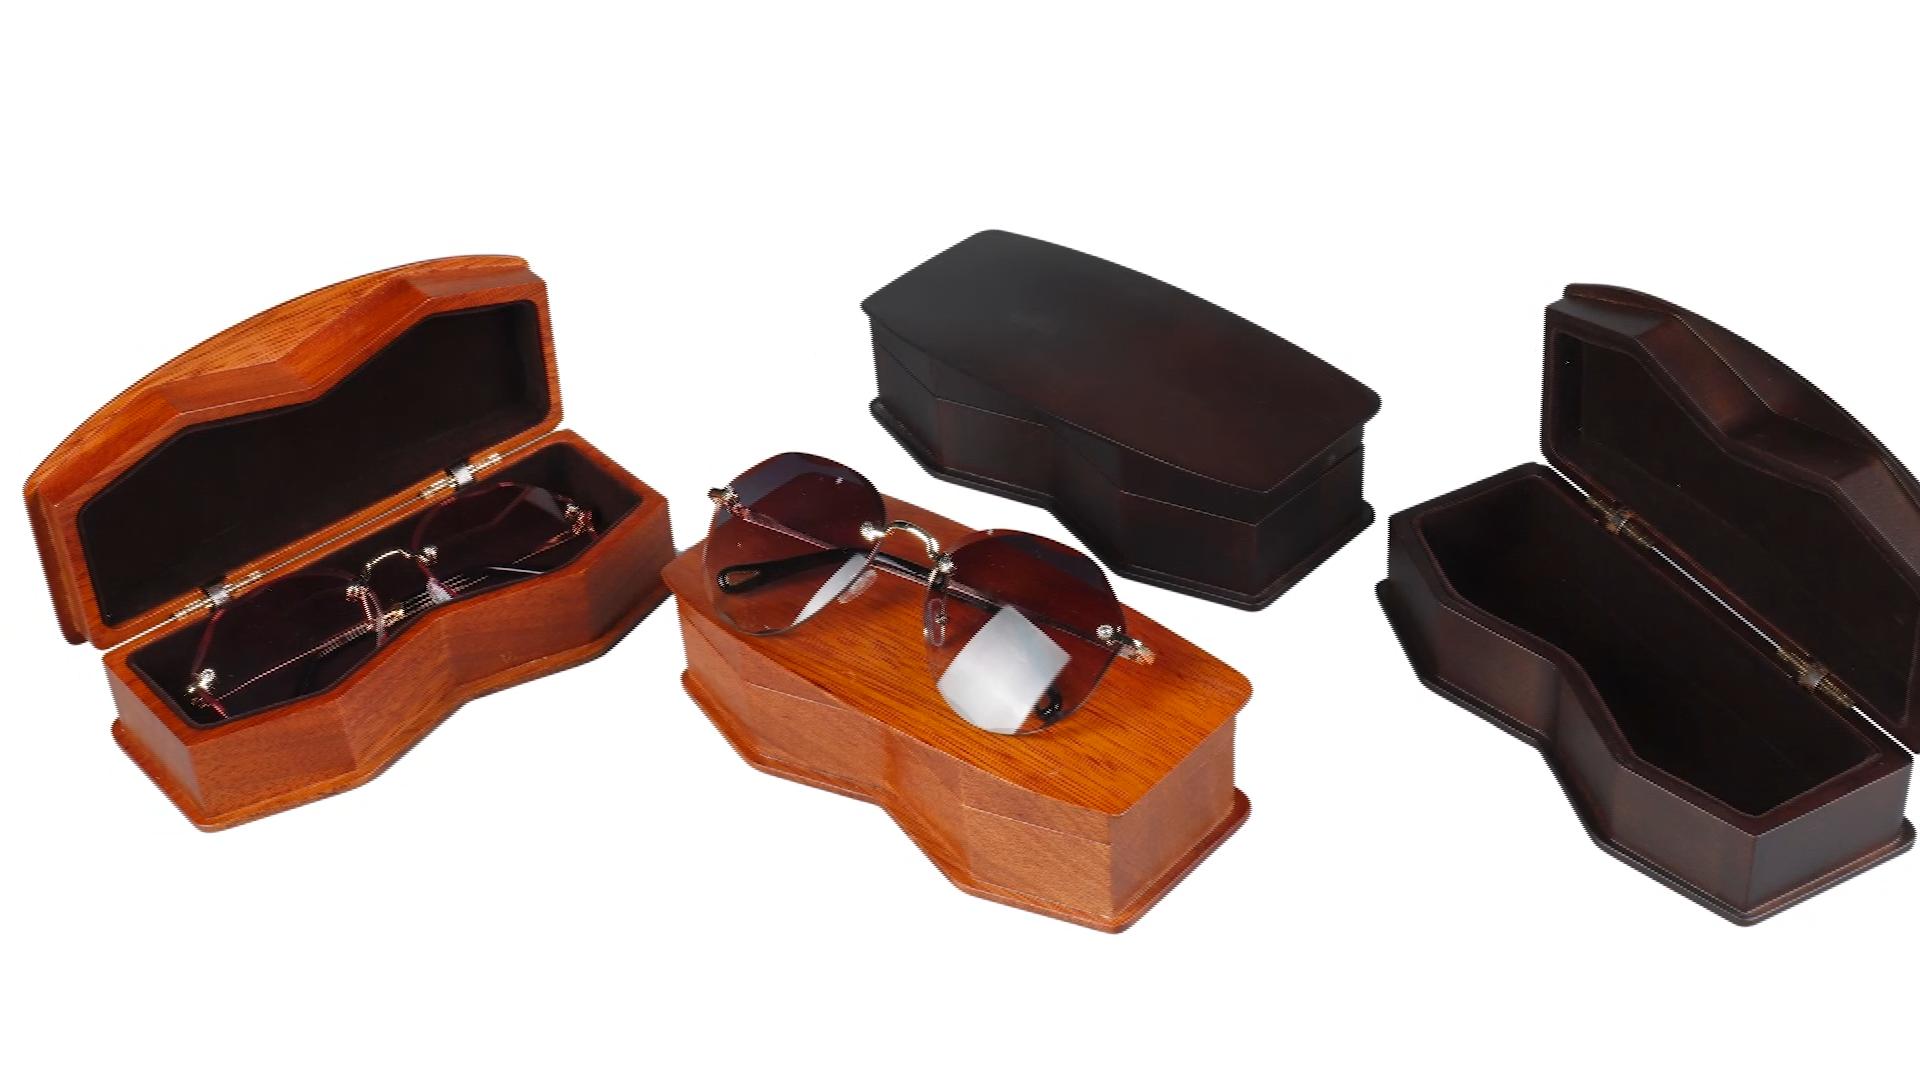 Yeni zanaat özel düzensiz şekil maun katı ahşap tek güneş gözlüğü ambalaj ahşap kutu